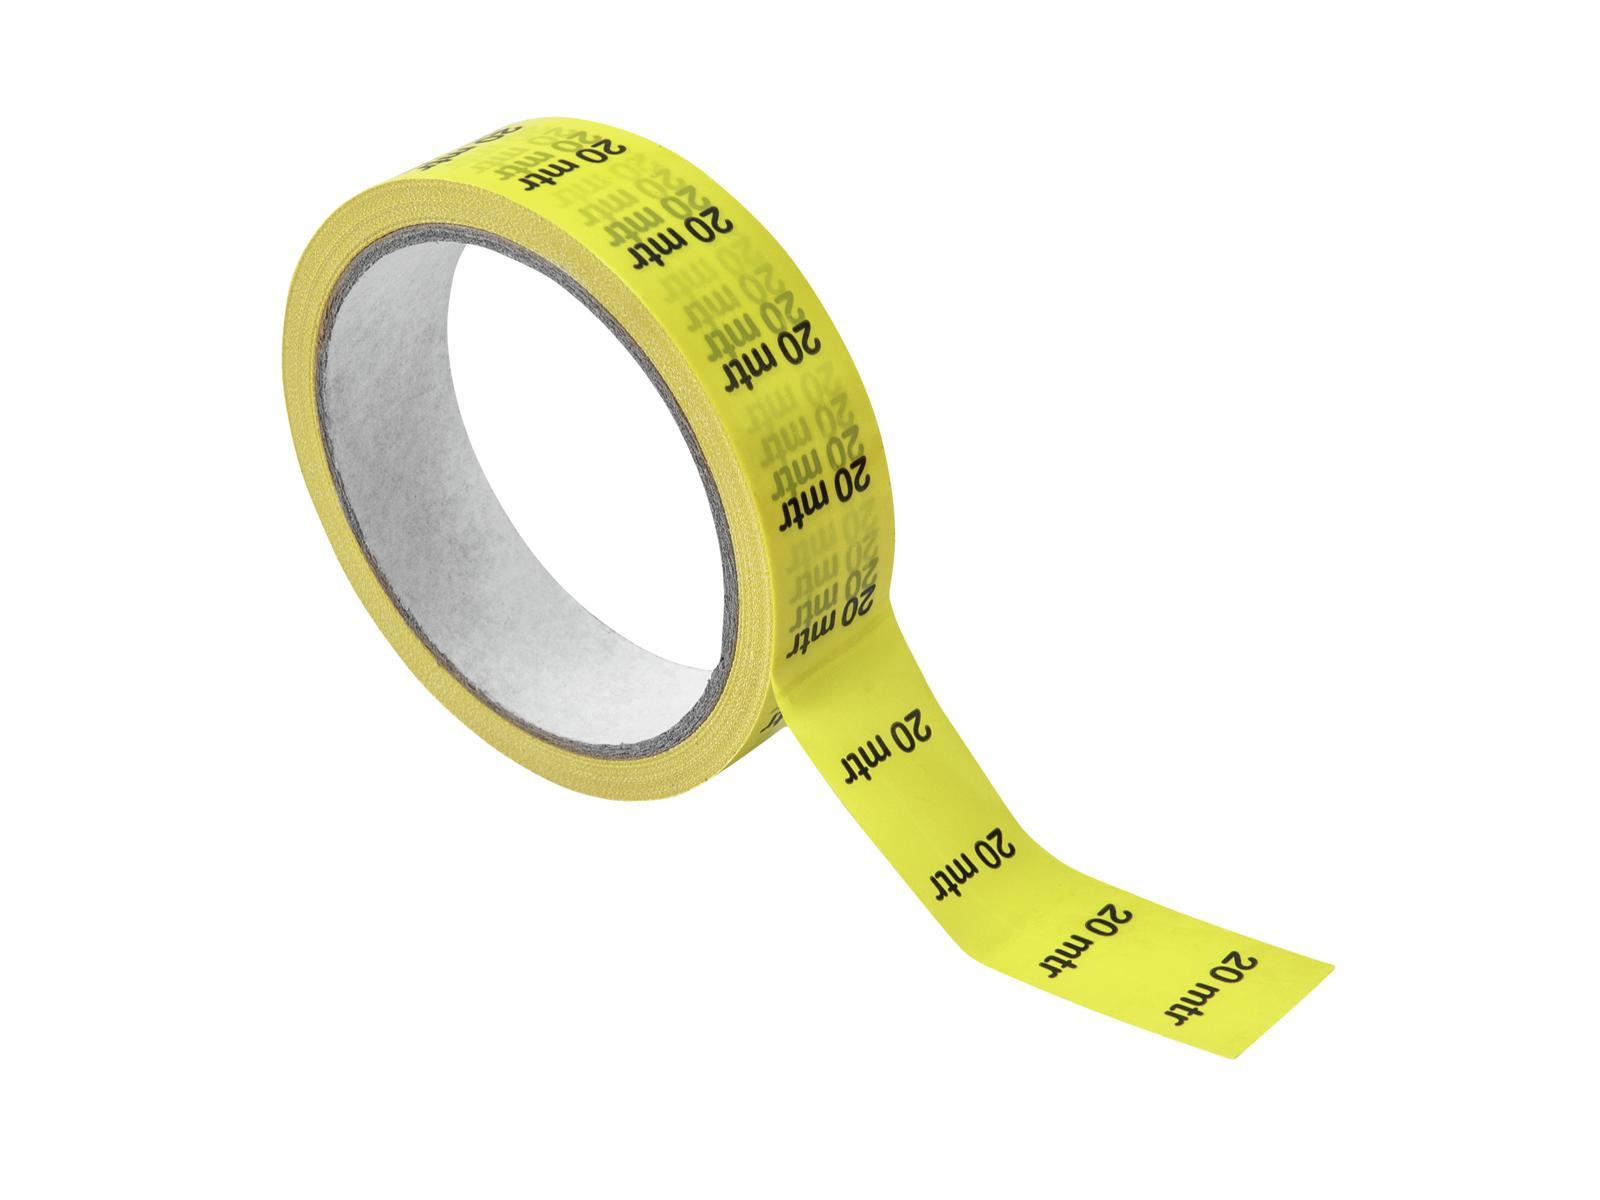 ACCESSORY Kabelmarkierung 20m, gelb